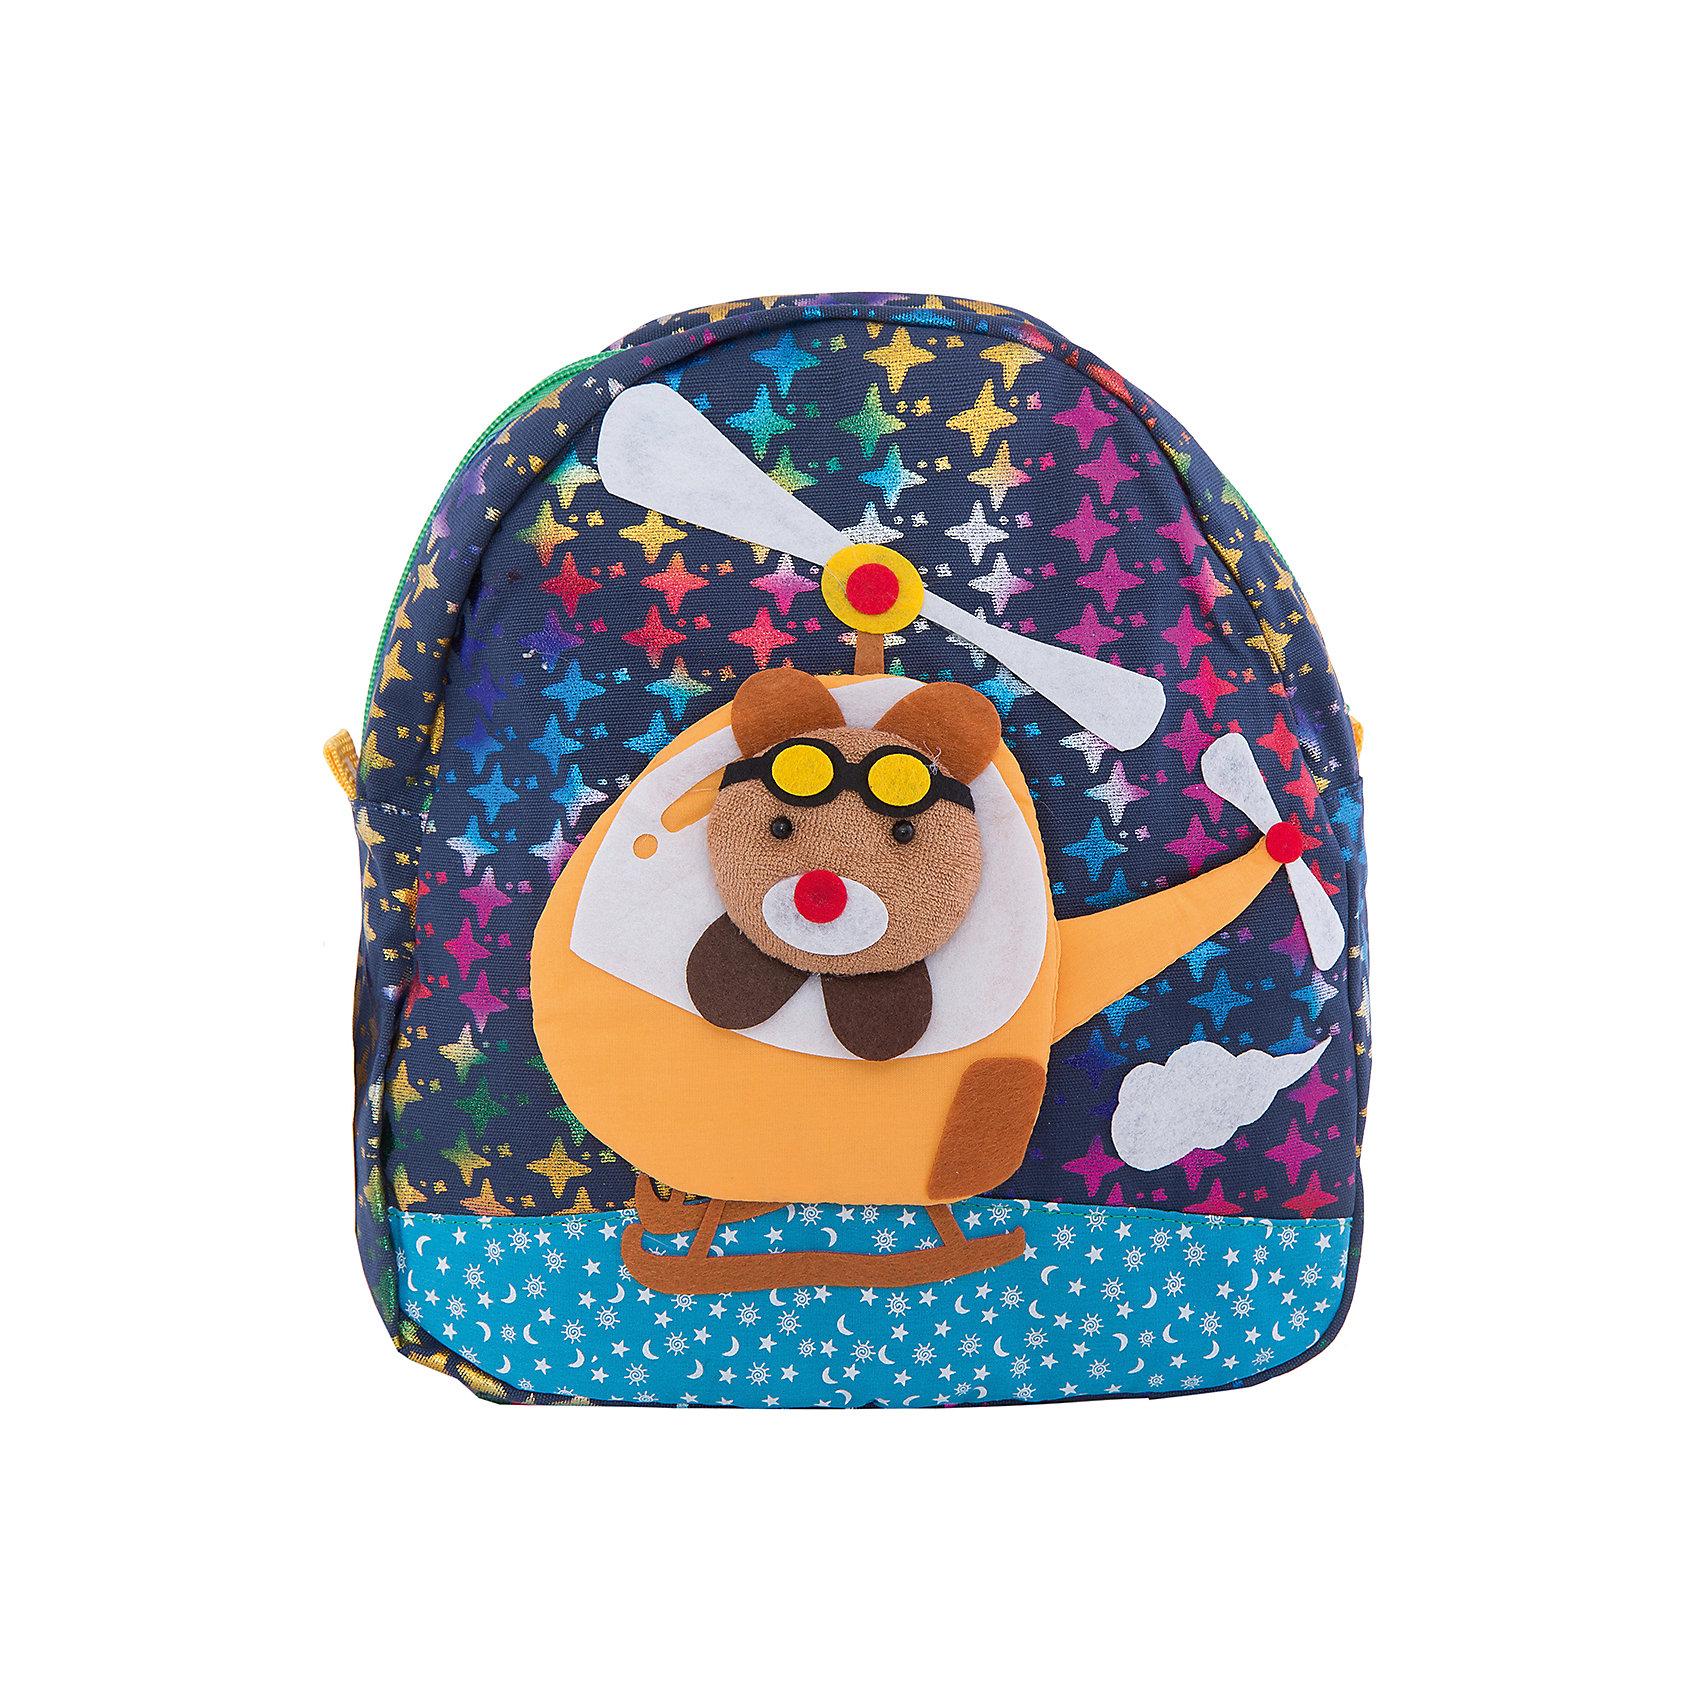 Рюкзак VITACCIХарактеристики:<br><br>• Тип сумки: рюкзак<br>• Пол: для мальчика<br>• Цвет: синий<br>• Сезон: весна-лето<br>• Тематика рисунка: путешествие<br>• Тип застежки: молния<br>• Лямки регулируются по длине<br>• Одно отделение <br>• Предусмотрена ручка-петля<br>• Материал: текстиль <br>• Габариты: ширина днища – 9 см, высота – 25 см<br>• Размеры лямок (Ш*Д): 23*52 см<br>• Вес: 350 г<br>• Особенности ухода: влажная чистка, сухая чистка<br><br>Рюкзак VITACCI от лидера российско-итальянского предприятия, которое специализируется на выпуске высококачественной обуви и аксессуаров как для взрослых, так и для детей. Детские сумки этого торгового бренда изготавливаются с учетом анатомических особенностей детей и имеют эргономичную форму. Форма и дизайн сумок разрабатывается итальянскими ведущими дизайнерами и отражает новейшие тенденции в мире моды. Особенность этого торгового бренда заключается в эксклюзивном сочетании материалов разных фактур и декорирование изделий стильными аксессуарами. <br><br>Рюкзак VITACCI изготовлен из экологически безопасного и гипоаллергенного текстиля. У рюкзака предусмотрено одно просторное отделение. Широкие лямки регулируются по длине. Рюкзак выполнен в брендовом дизайне: сочетание ярких цветов и объемной аппликации, изображающей путешествие медвежонка на вертолете. С таким рюкзачком особенно приятно отправляться в дальние поездки и путешествия!<br><br>Рюкзак VITACCI – это стильный аксессуар, который создаст неповторимый образ вашего ребенка! <br><br>Рюкзак VITACCI можно купить в нашем интернет-магазине.<br><br>Ширина мм: 170<br>Глубина мм: 157<br>Высота мм: 67<br>Вес г: 117<br>Цвет: разноцветный<br>Возраст от месяцев: 36<br>Возраст до месяцев: 144<br>Пол: Мужской<br>Возраст: Детский<br>Размер: one size<br>SKU: 5347431